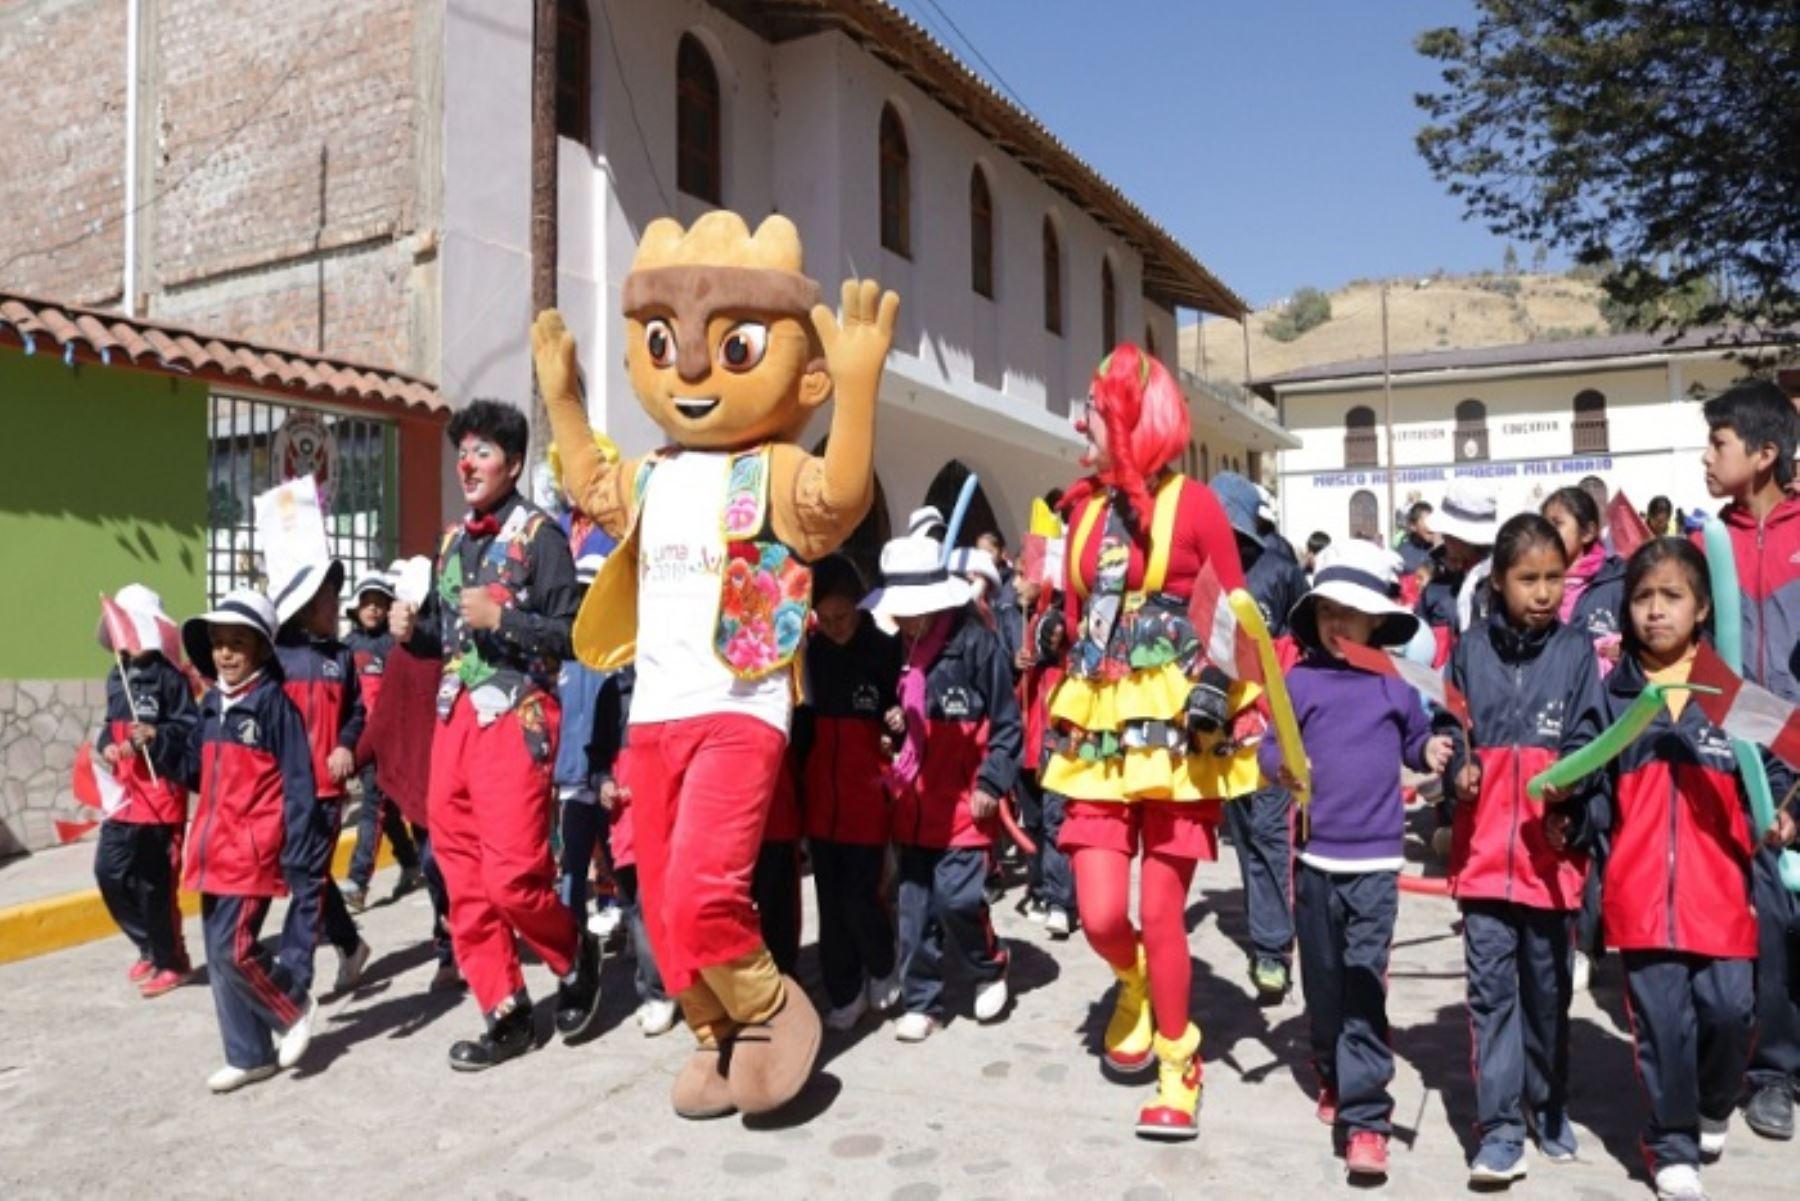 Con un mensaje de integridad y respeto, Milco, la mascota oficial de los Juegos Panamericanos Lima 2019, visitó diferentes distritos de la provincia de Huancayo, región Junín, para invitar y compartir inolvidables momentos con los niños de las diferentes instituciones educativas que participaron de este recorrido.